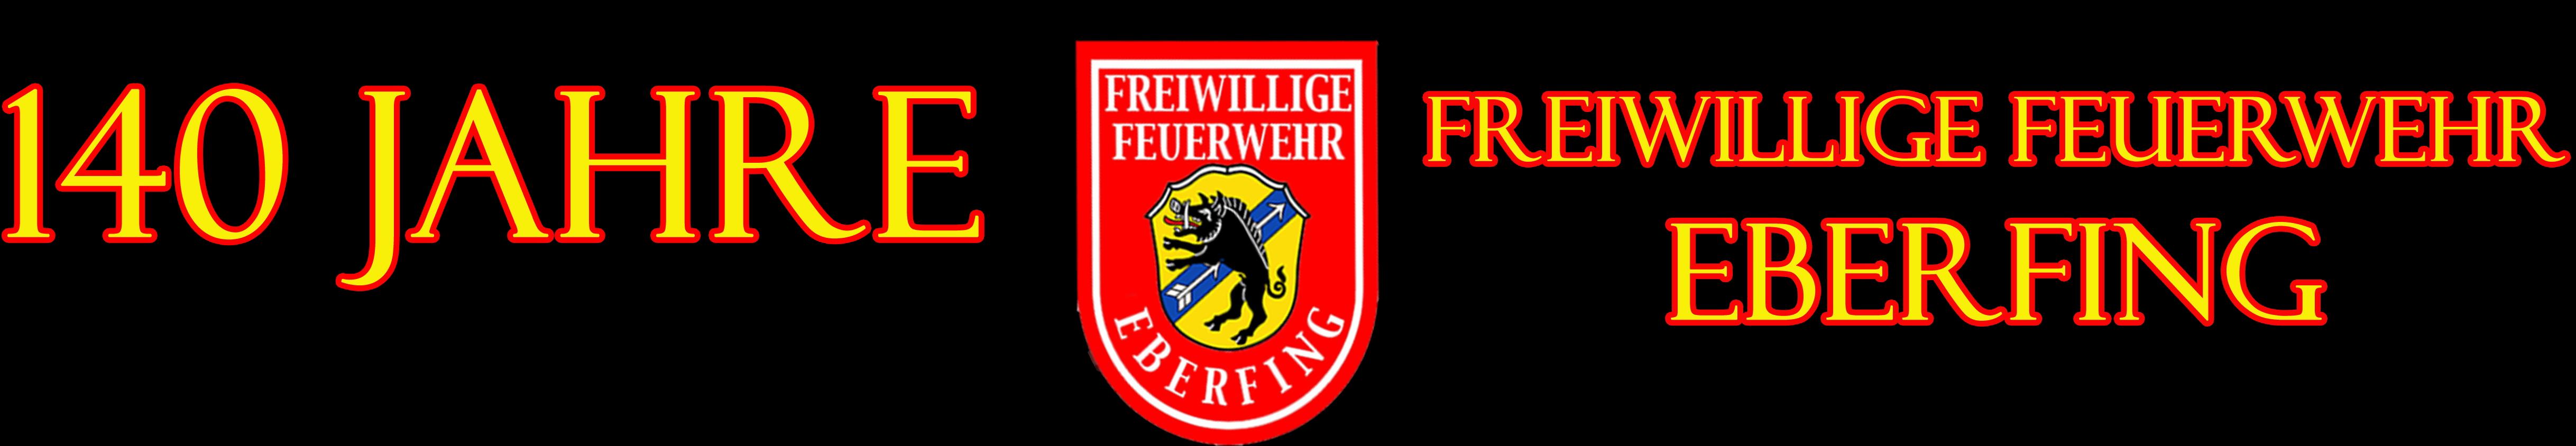 Freiwillige Feuerwehr Eberfing